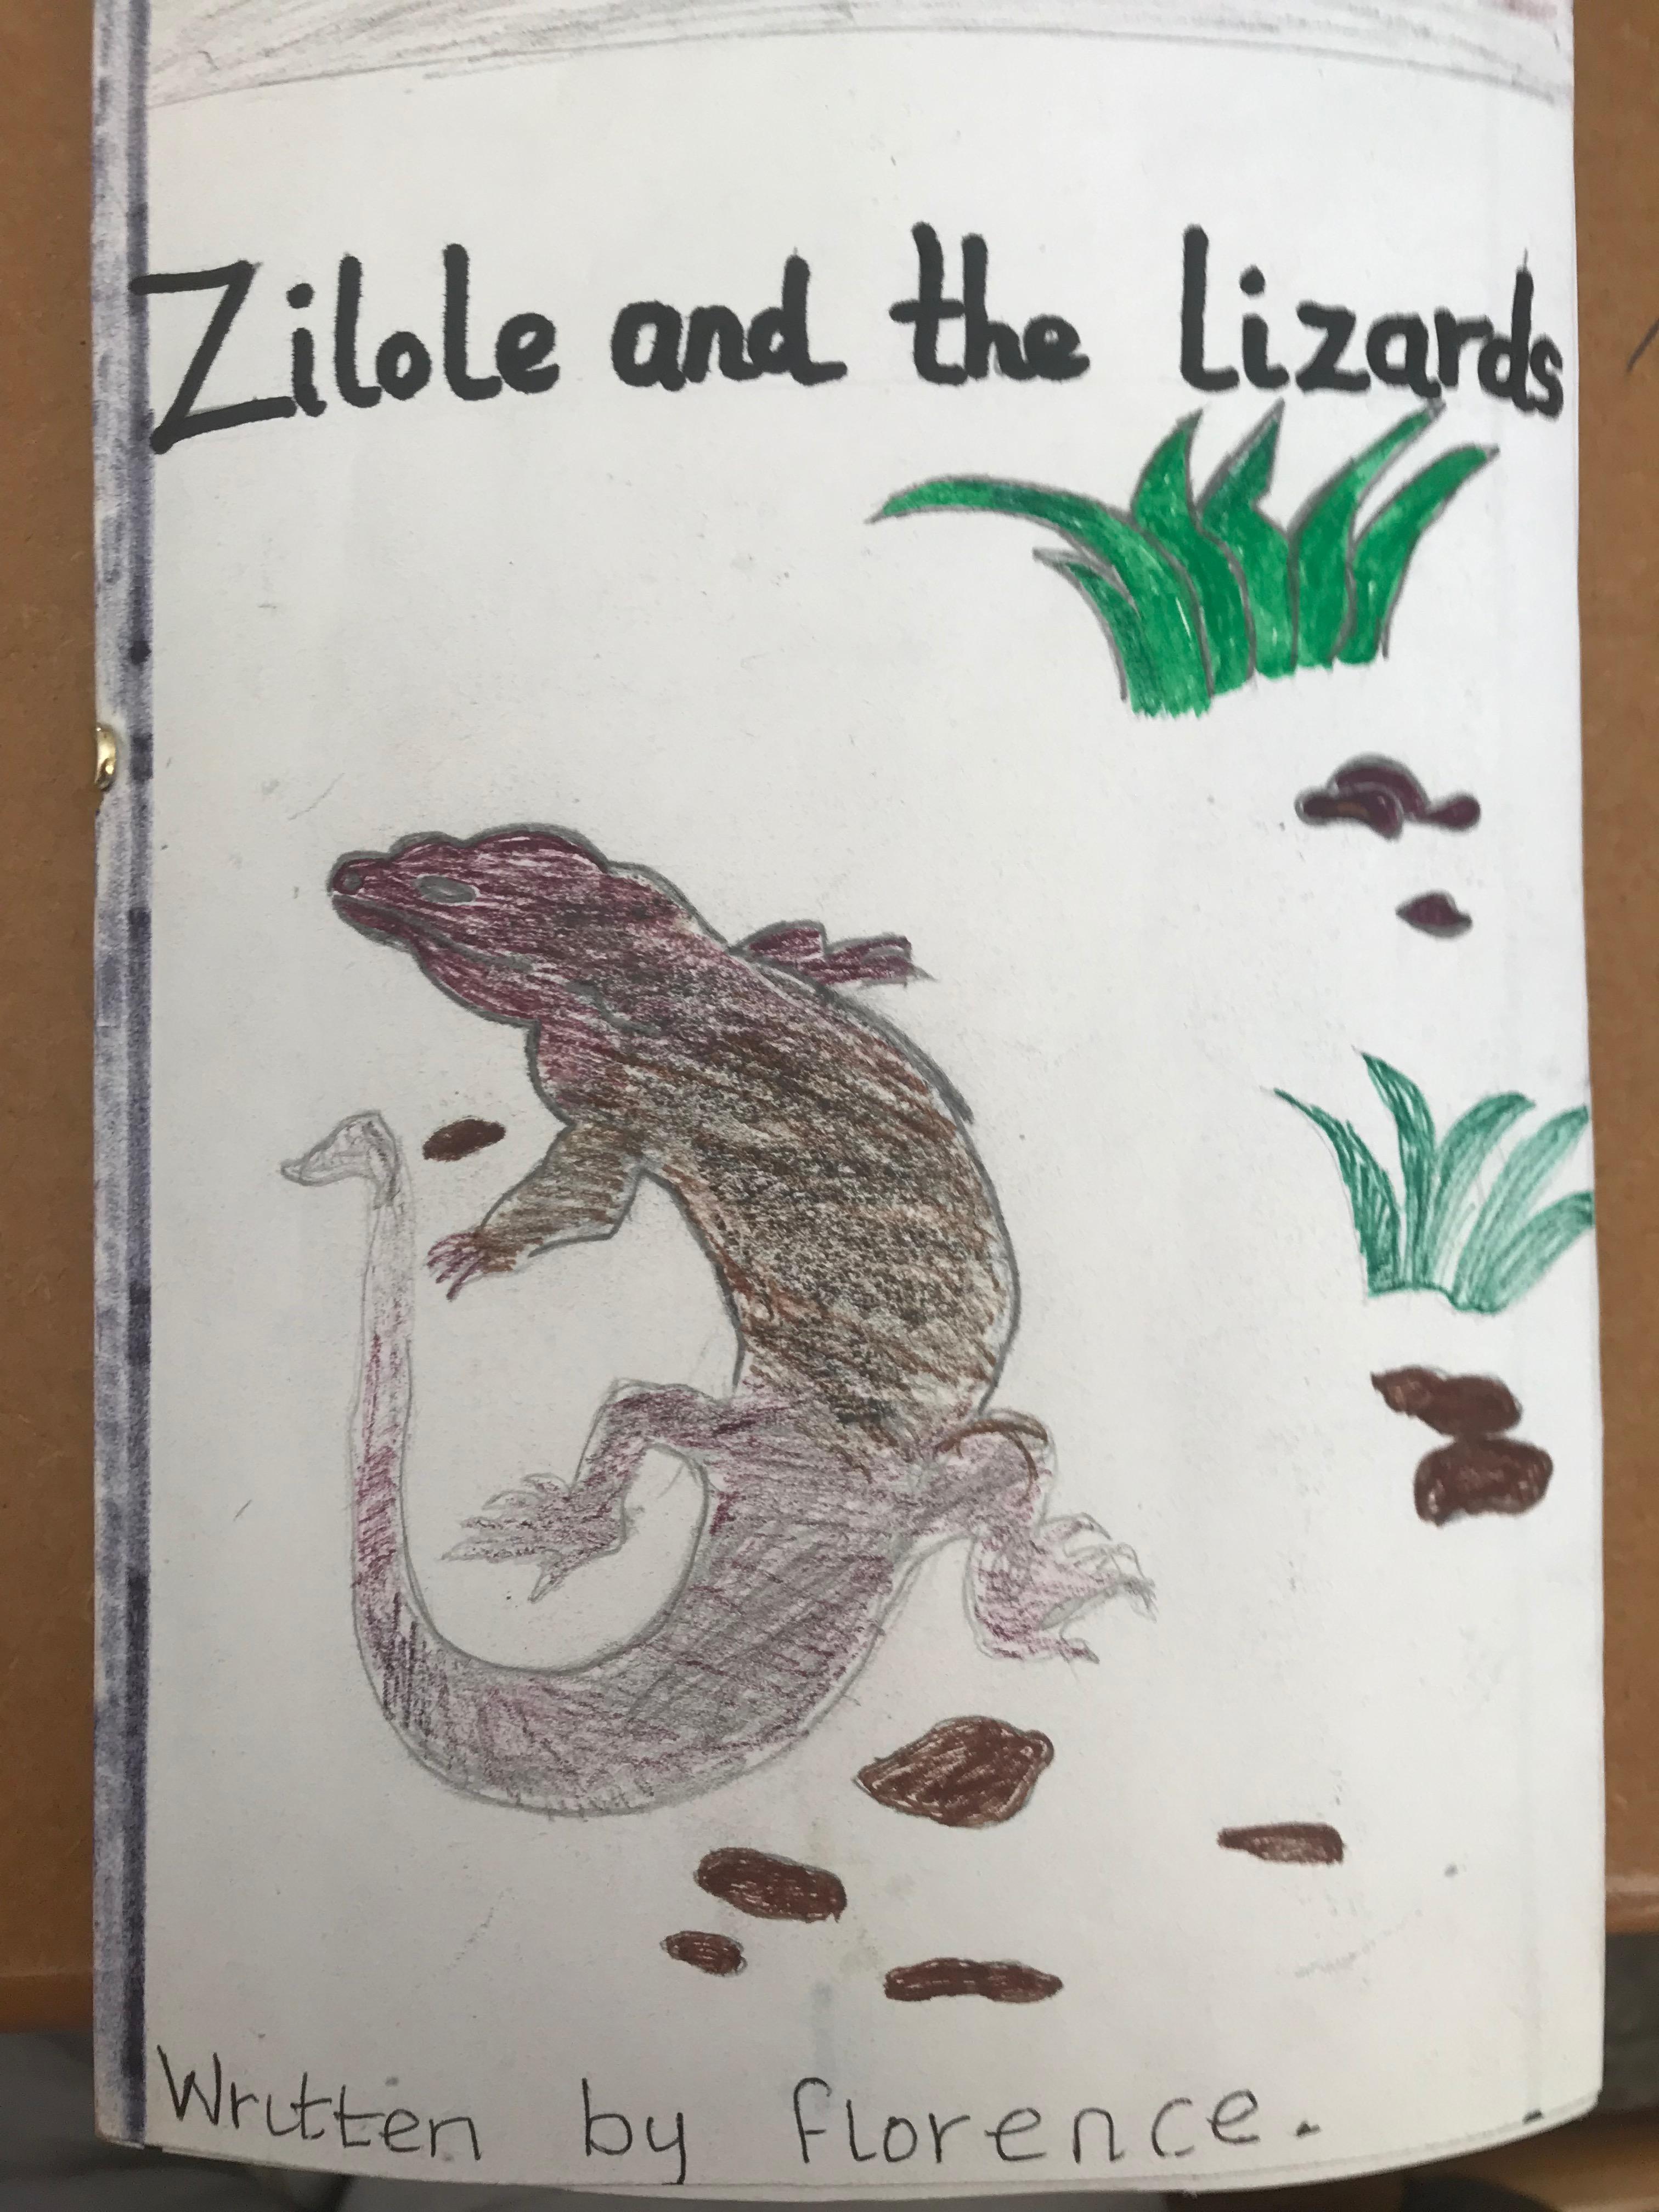 Zilole title page